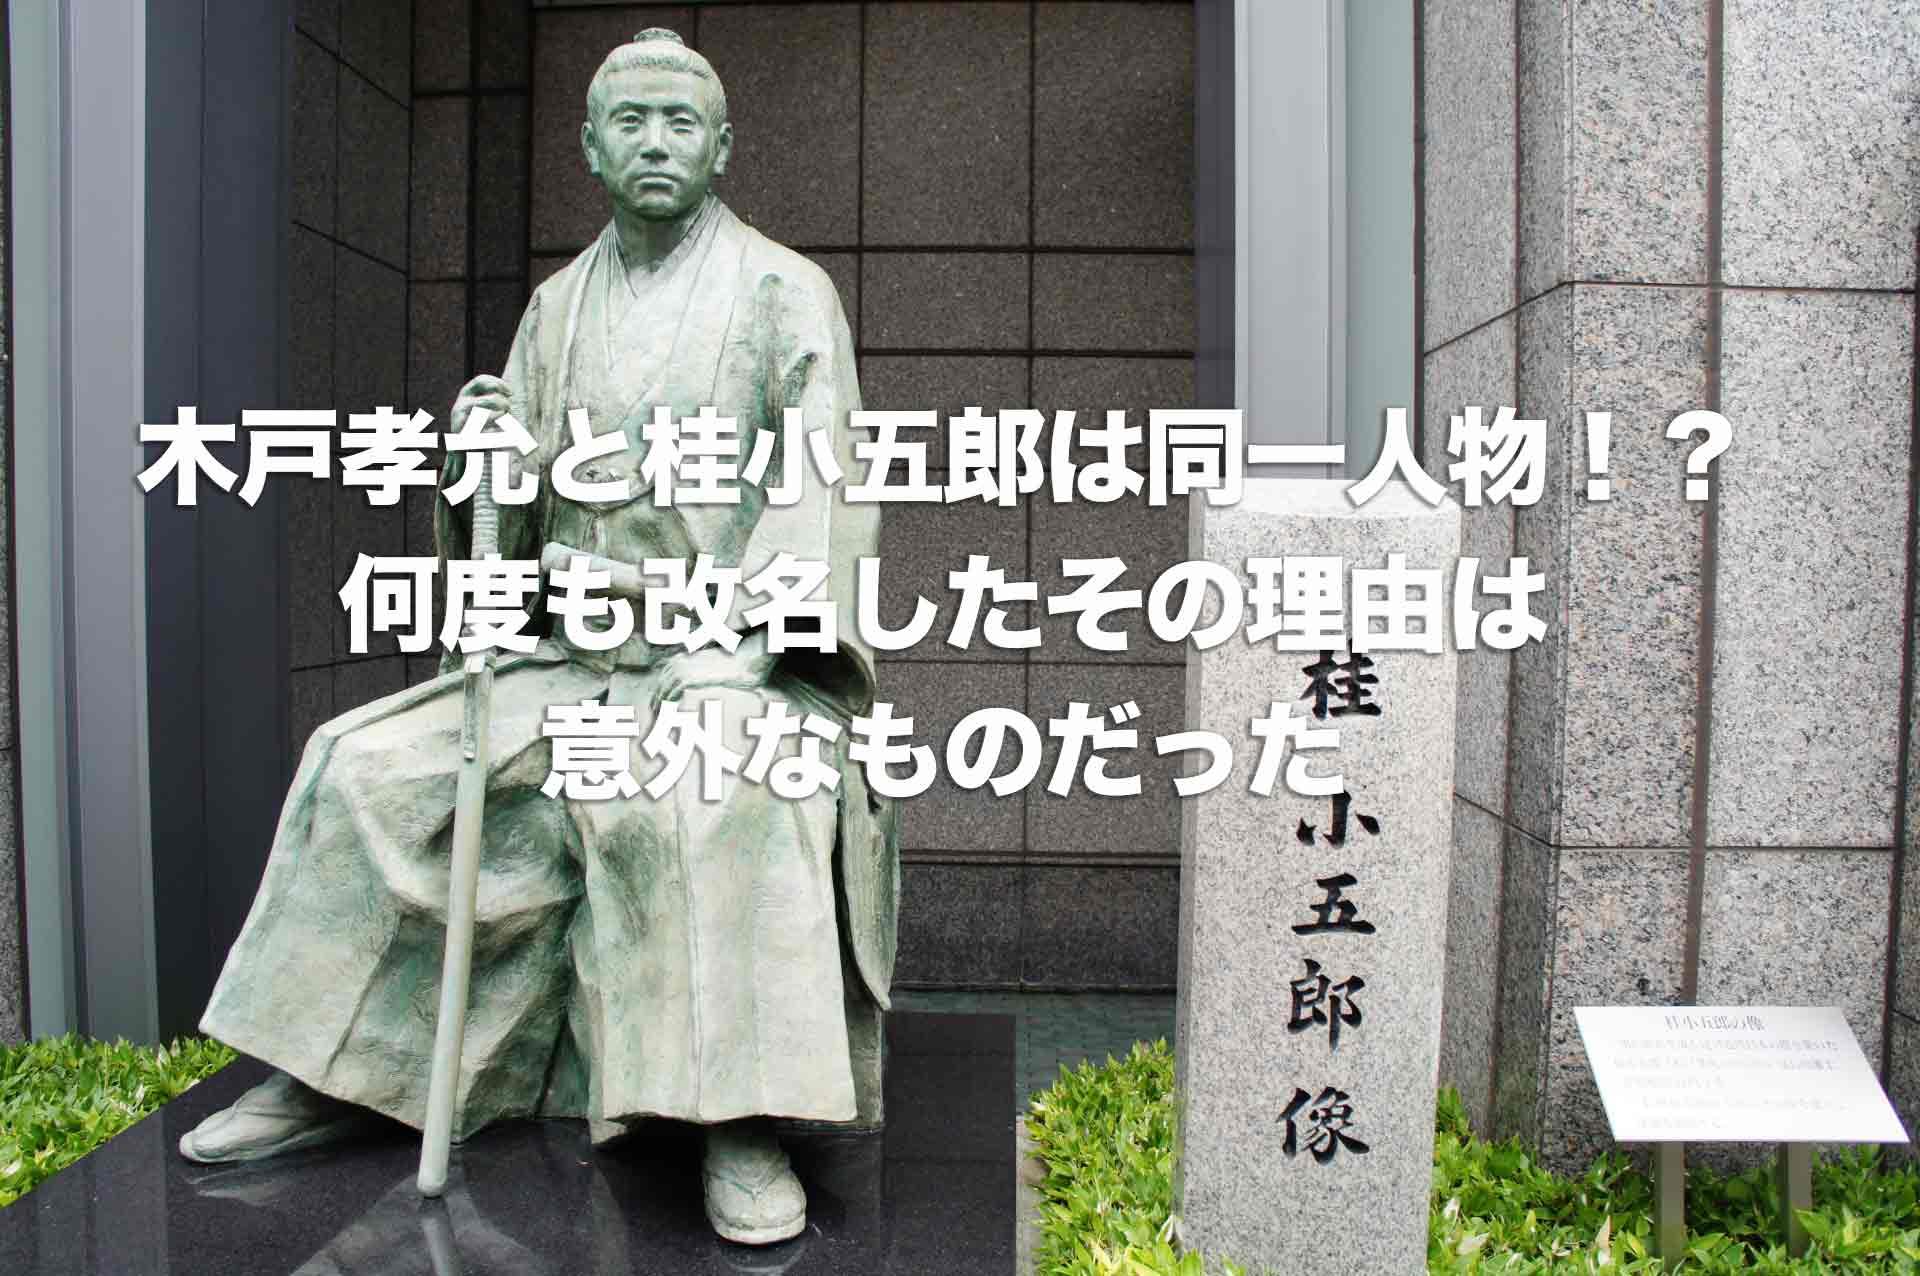 木戸孝允と桂小五郎は同一人物!何度も改名したその理由は意外なものだった